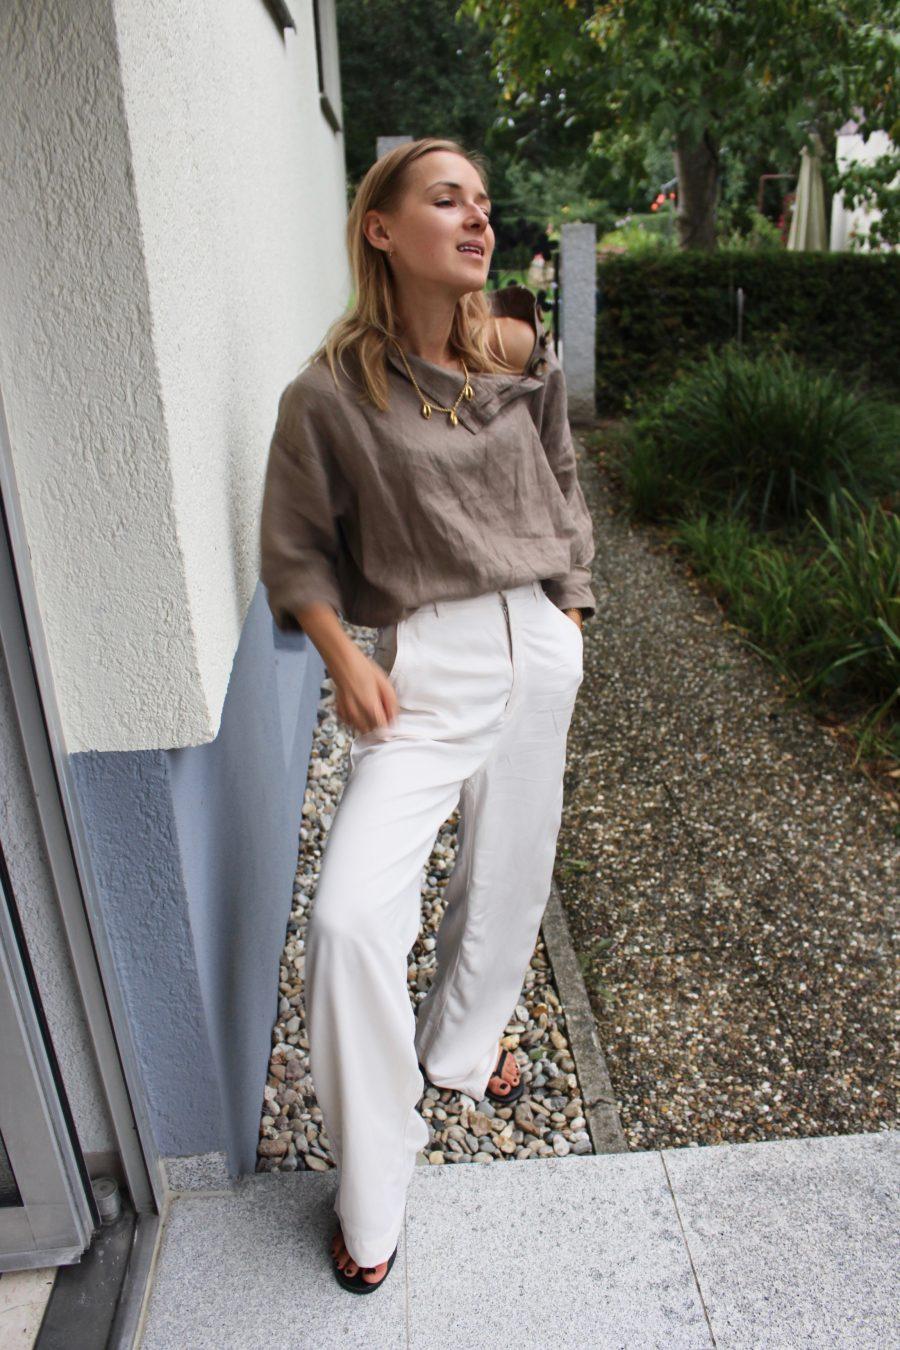 Zara leinen top summer 2018